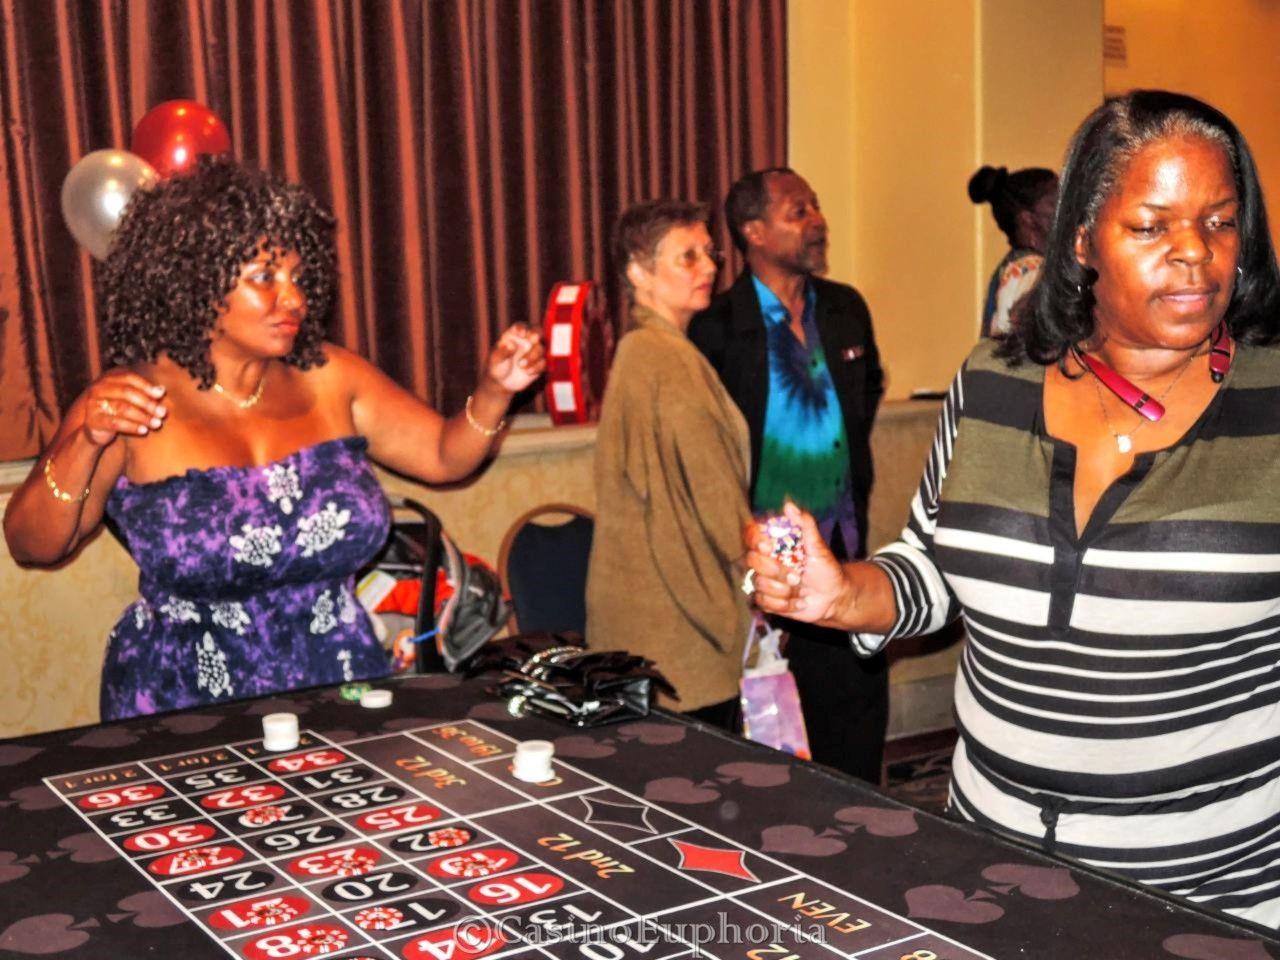 Стихотворение казино игровые аппараты скачать бесплатно клубника, обезьяна